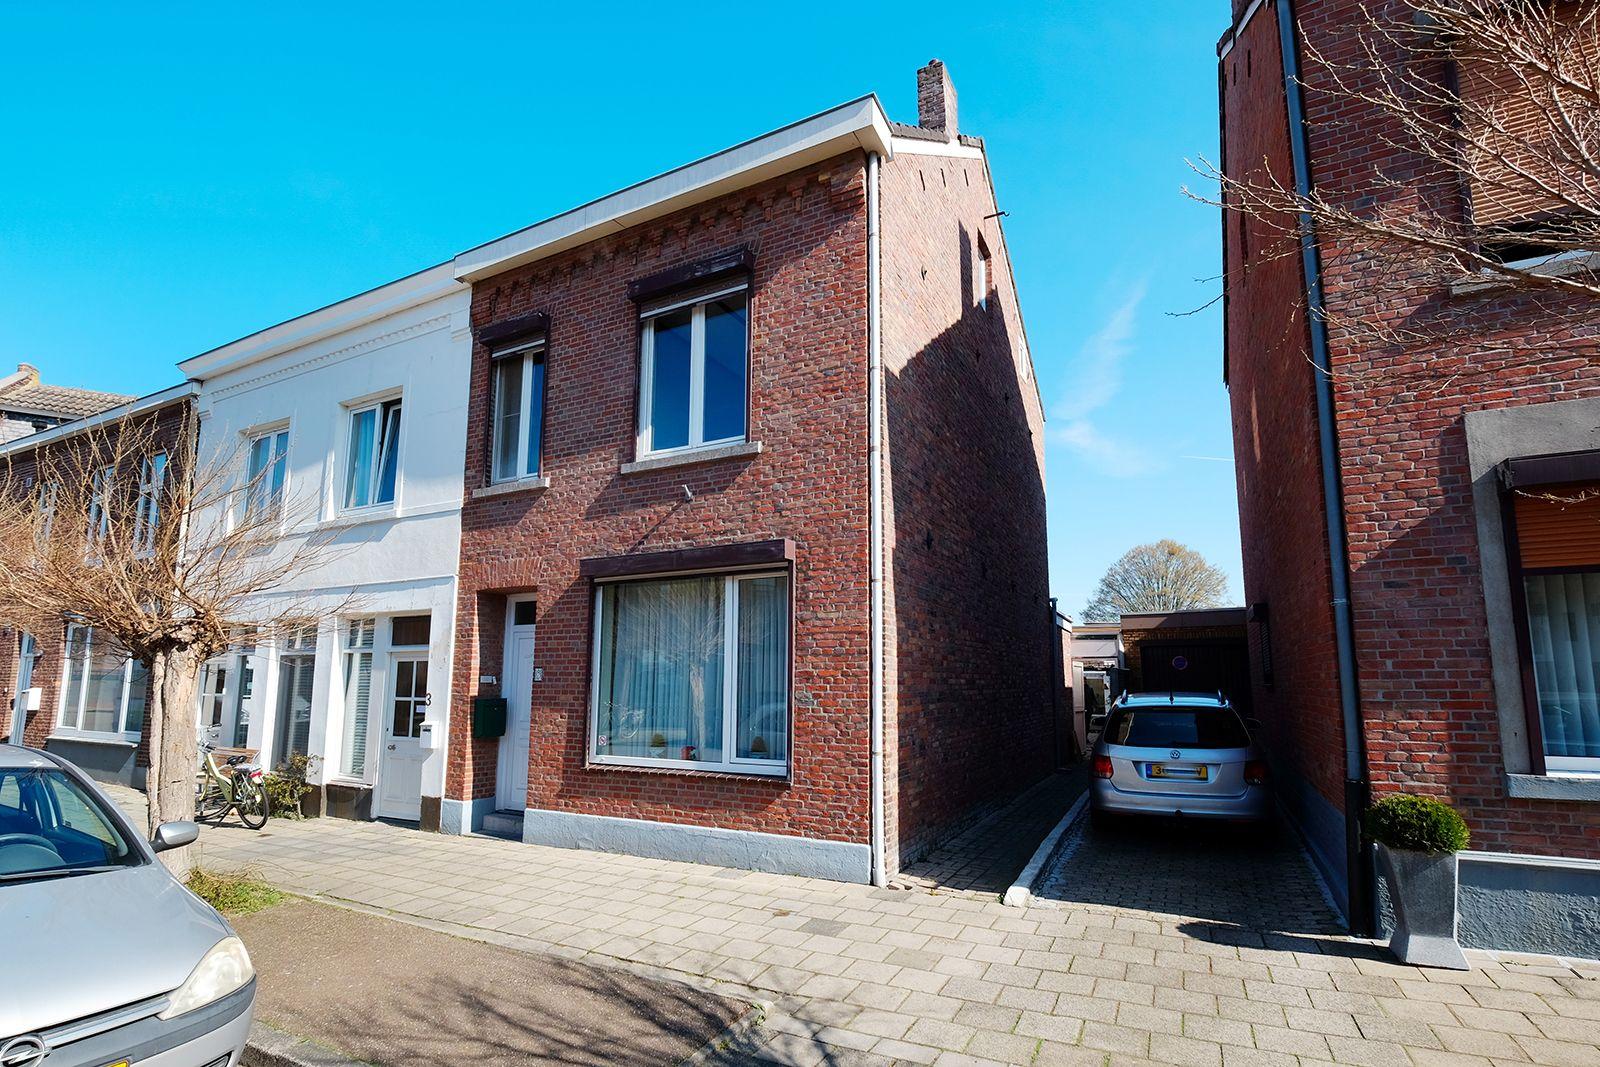 Julianastraat 7, Maastricht